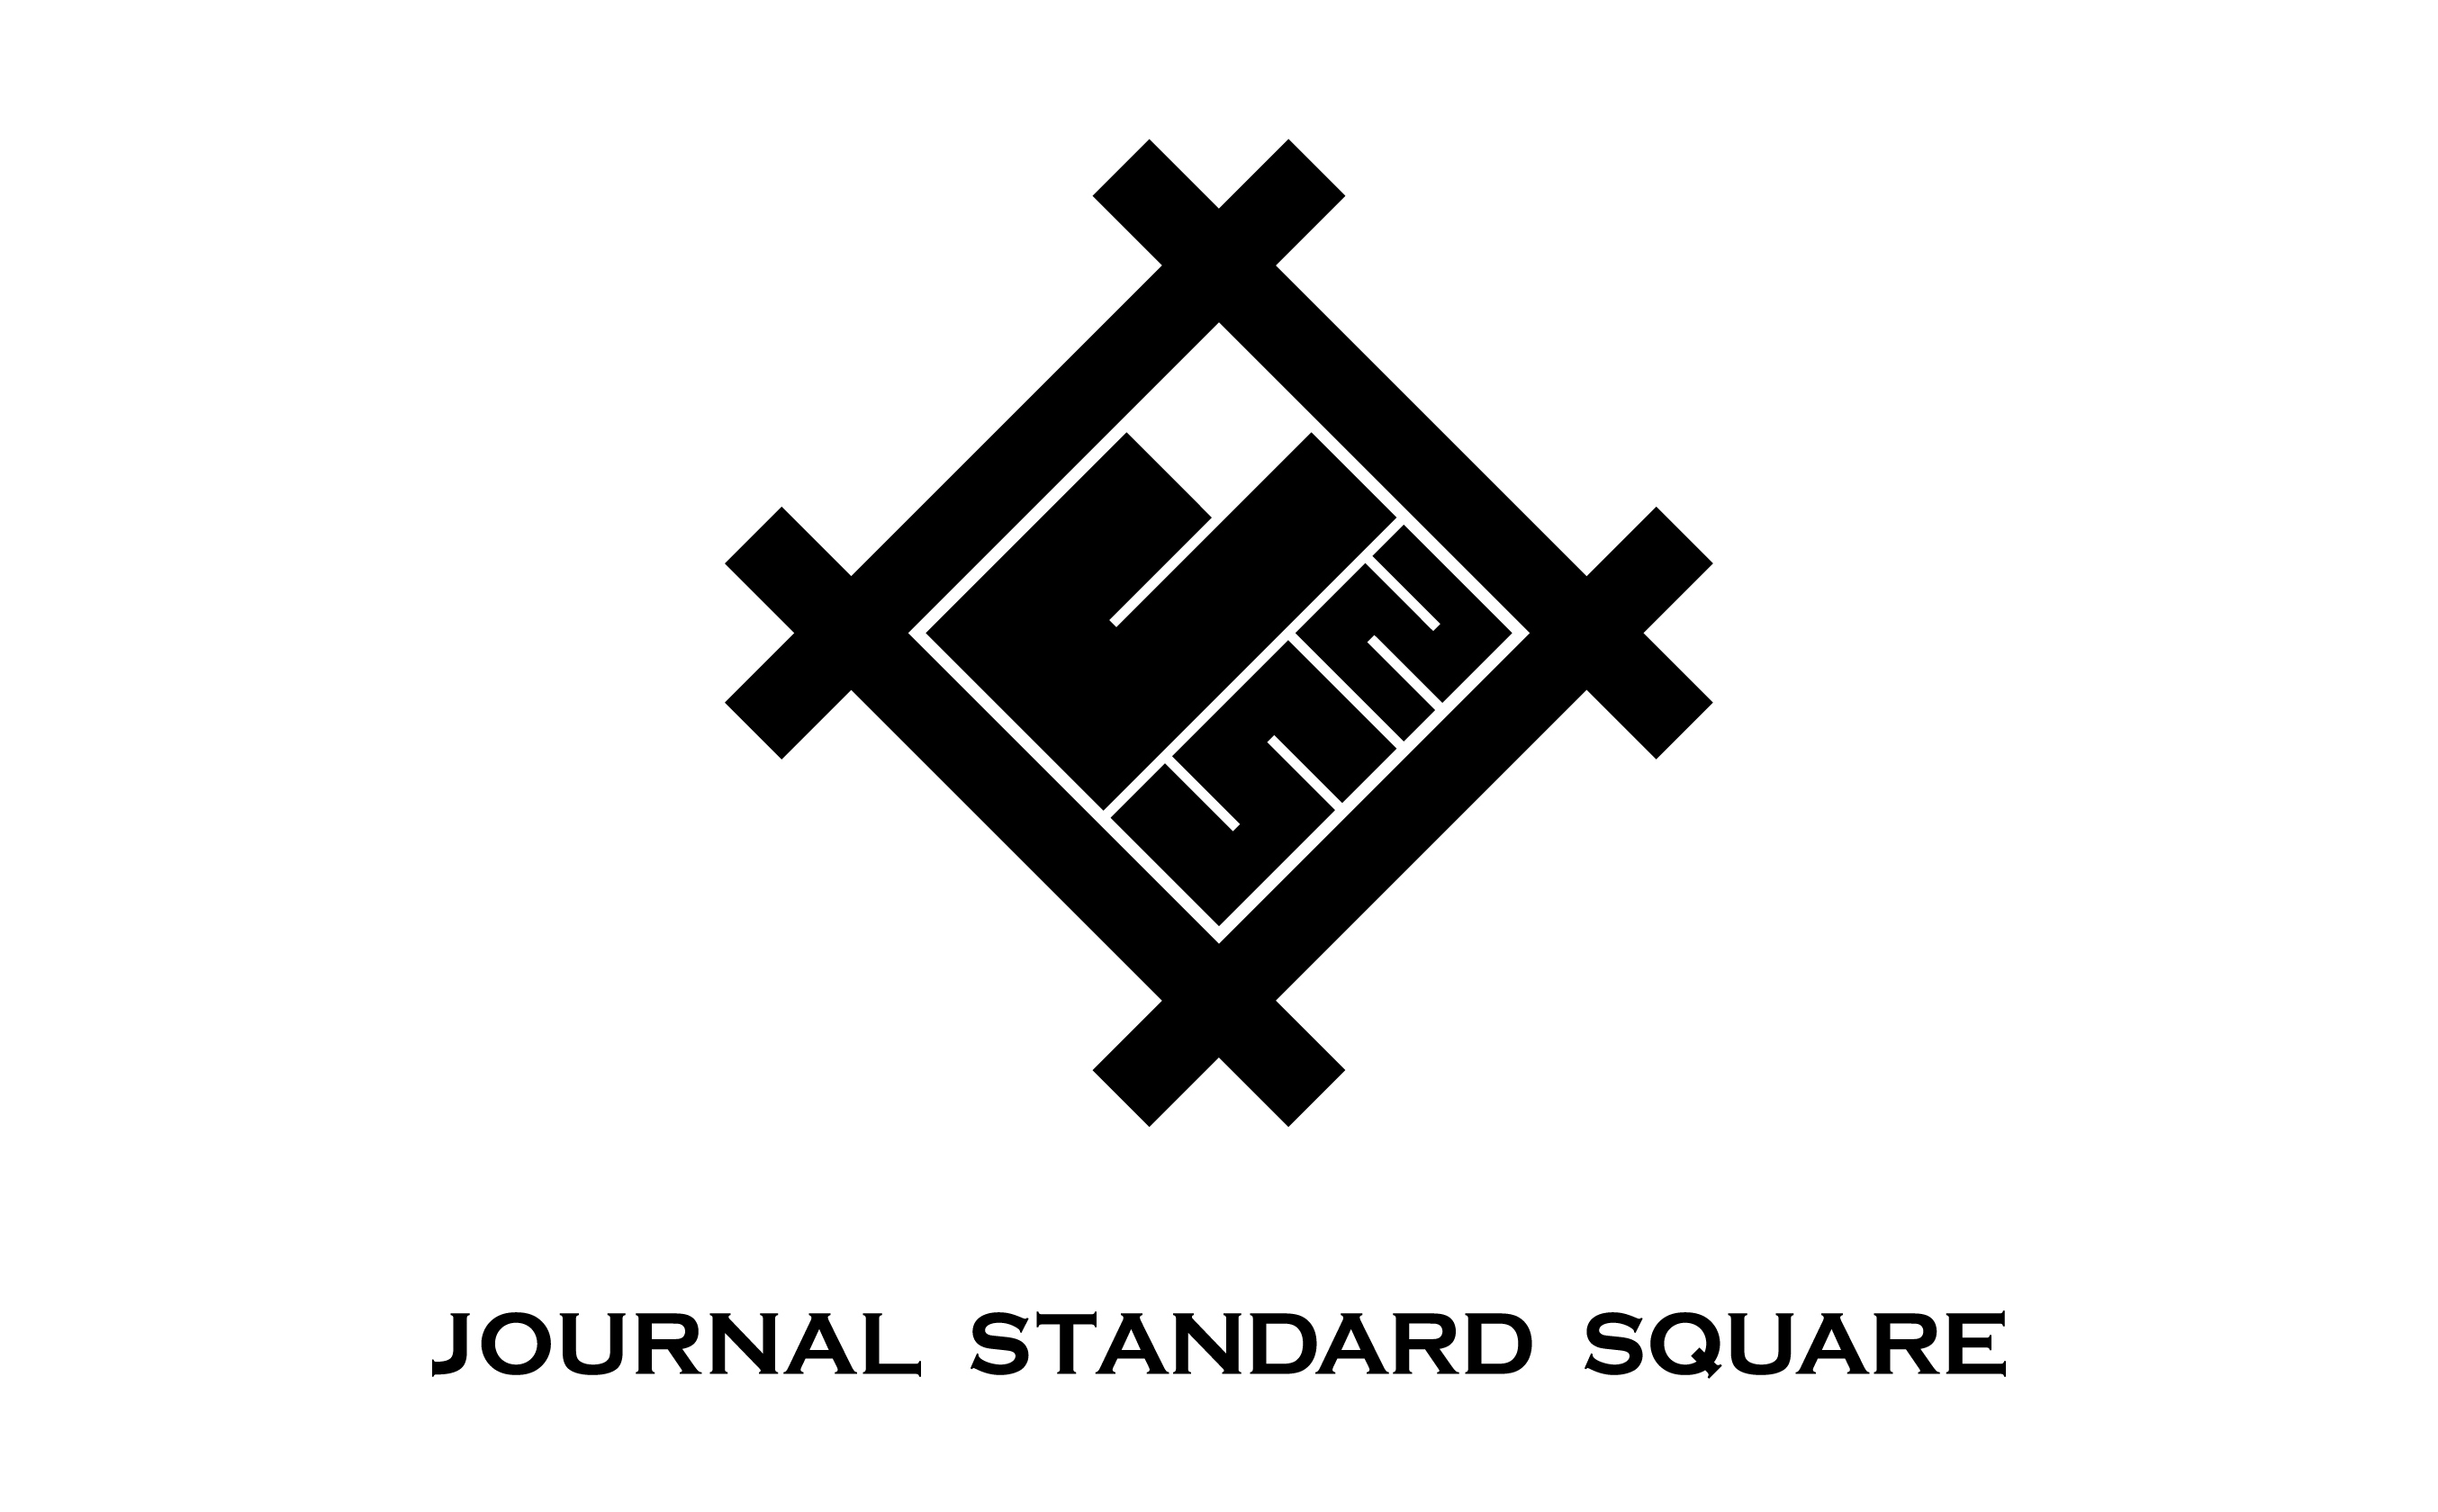 プレスリリース・ニュースリリース配信シェアNo.1|PR TIMES